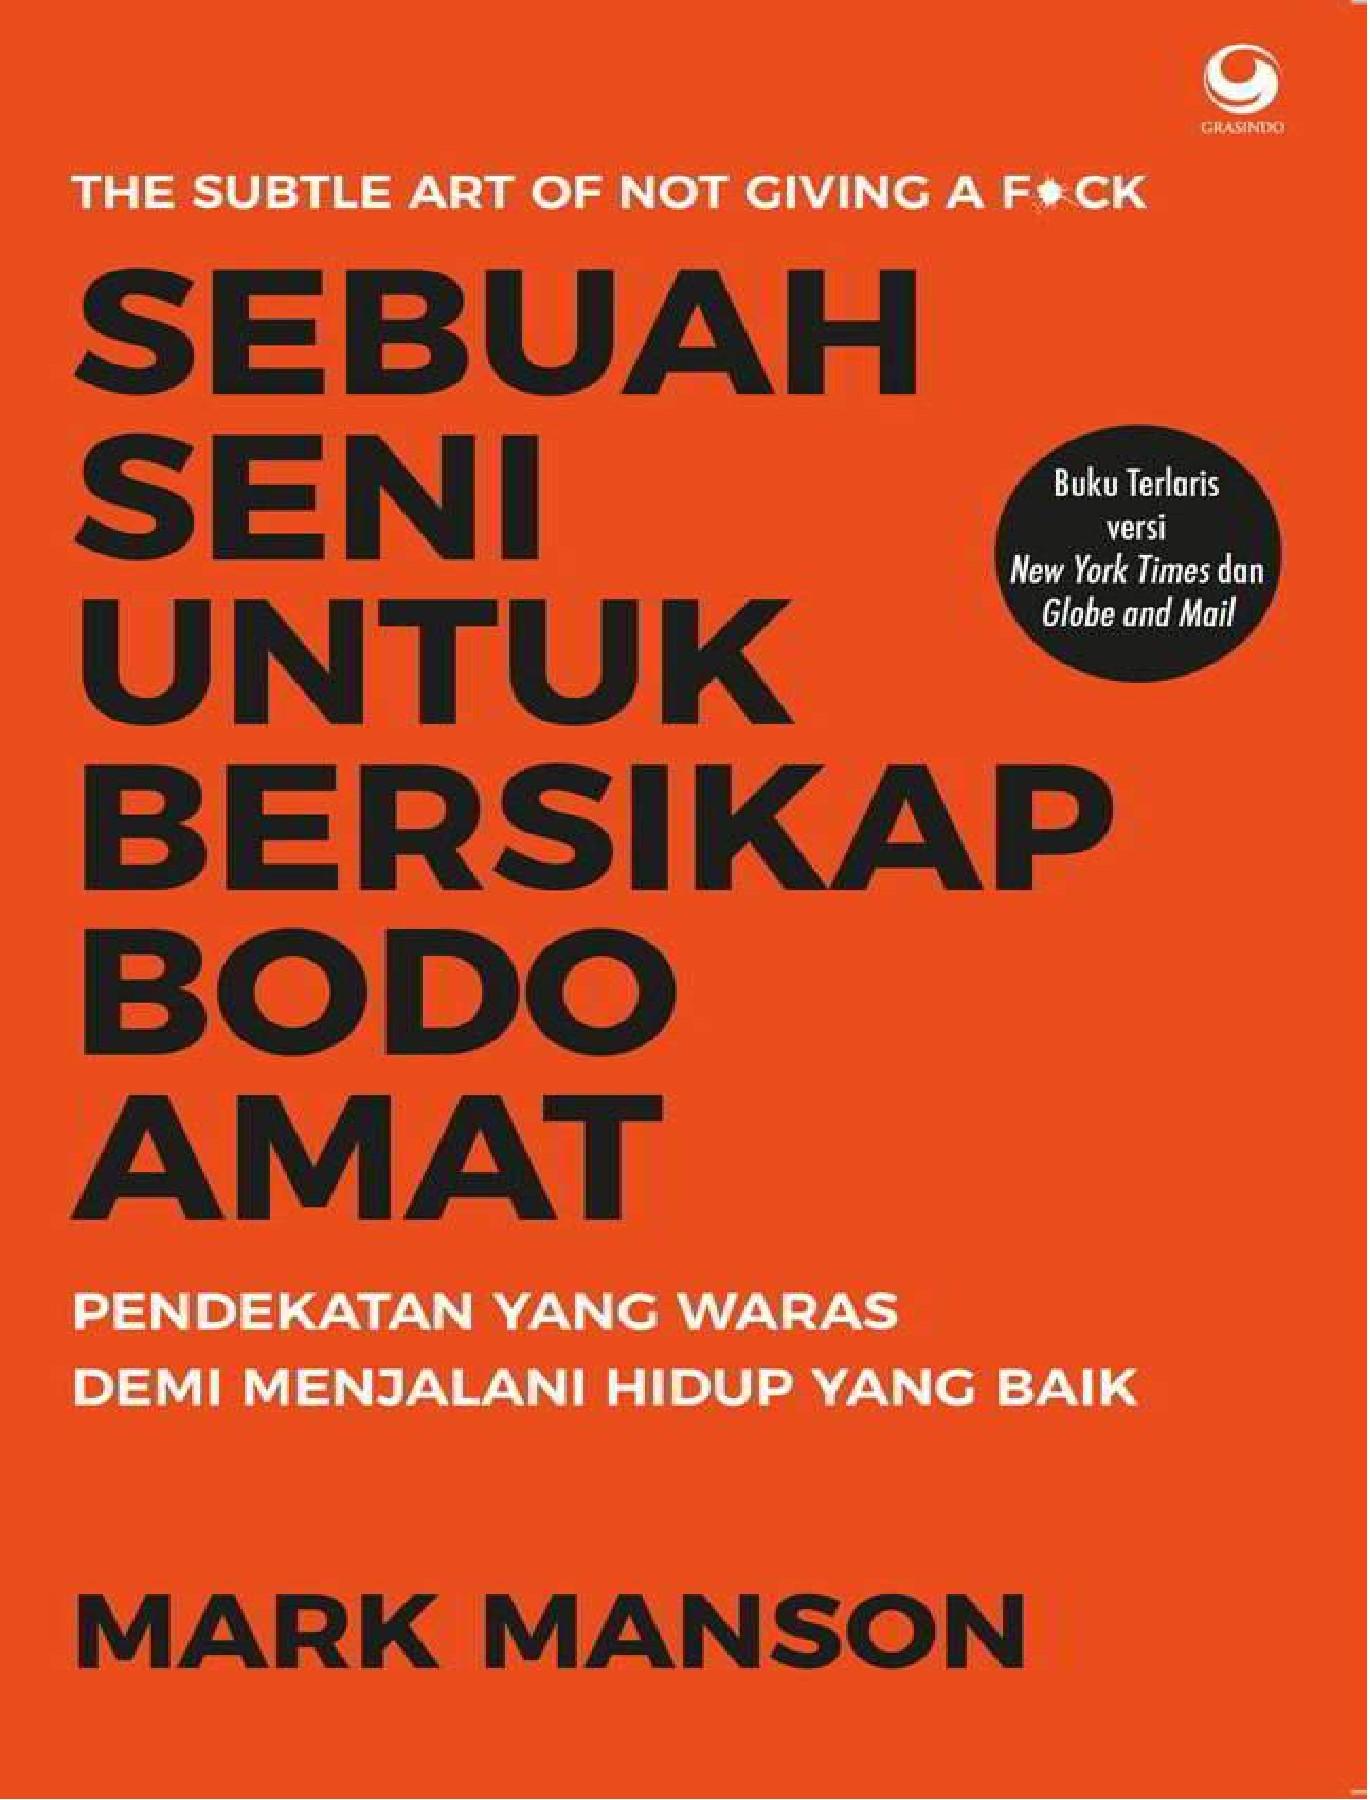 Sebuah Seni Bersikap Bodo Amat Pdf : sebuah, bersikap, Sebuah, Untuk, Bersikap, Amat.pdf, Pages, PubHTML5